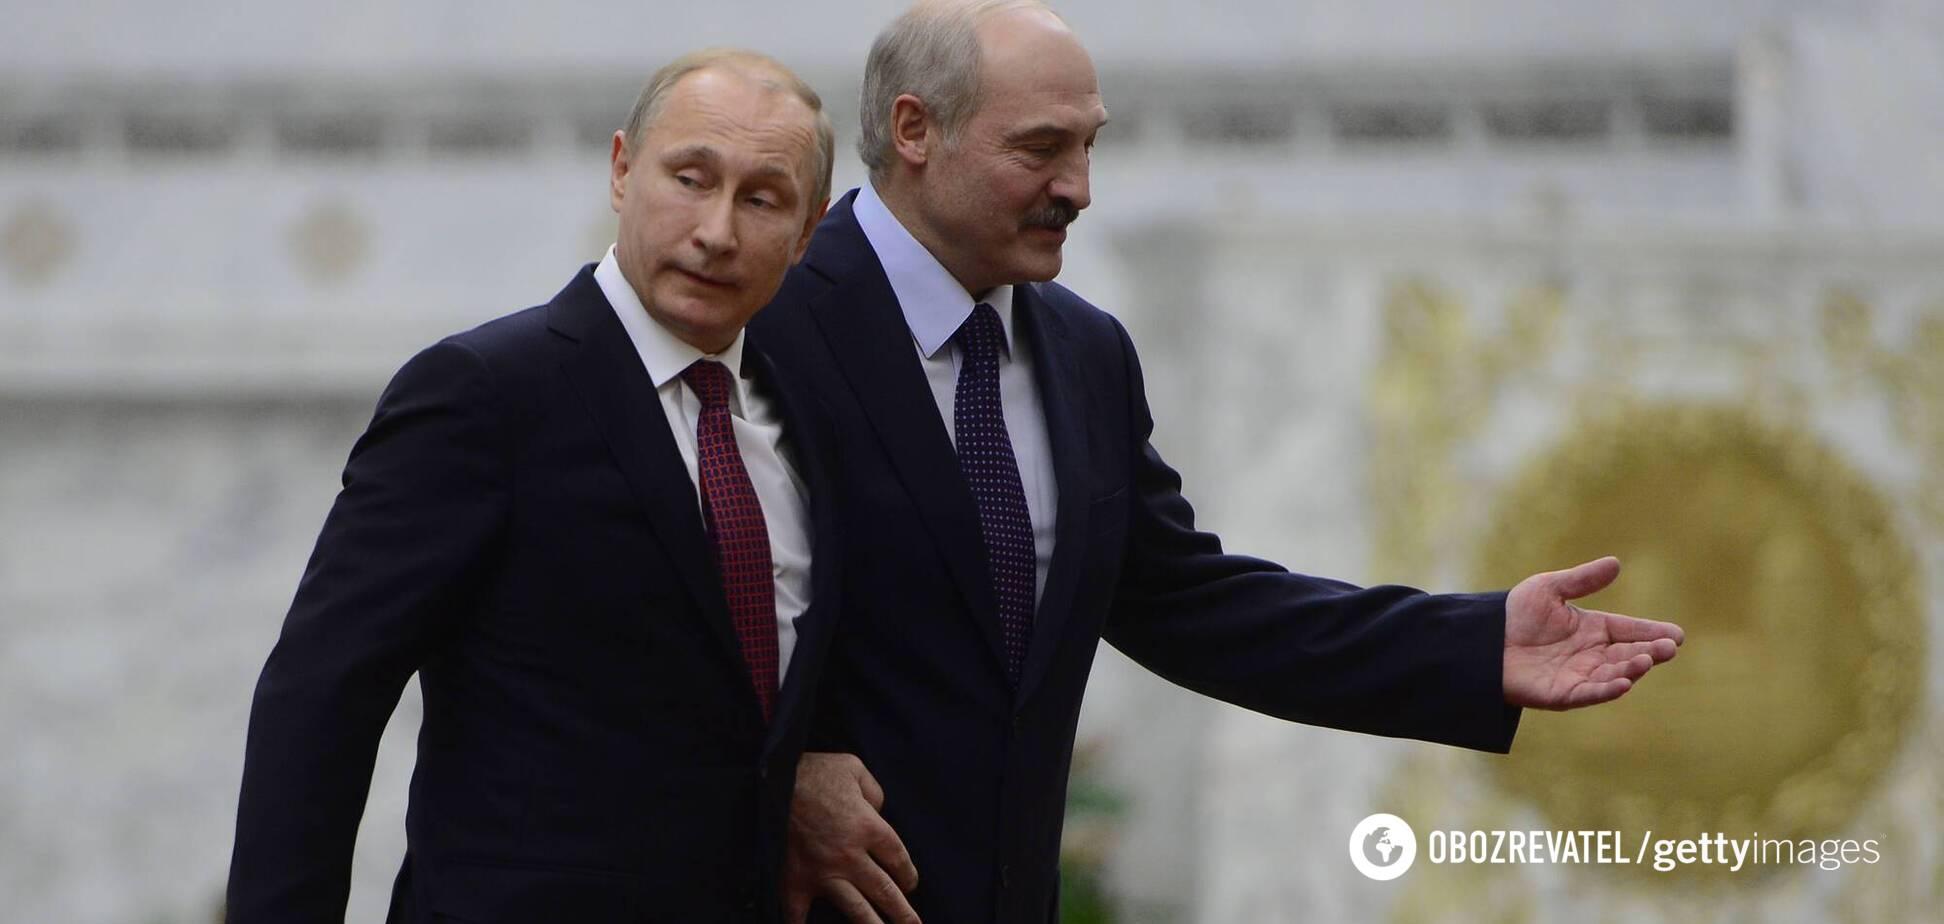 Путин обиделся на Лукашенко и будет перекрывать его каналы, – оппозиционер